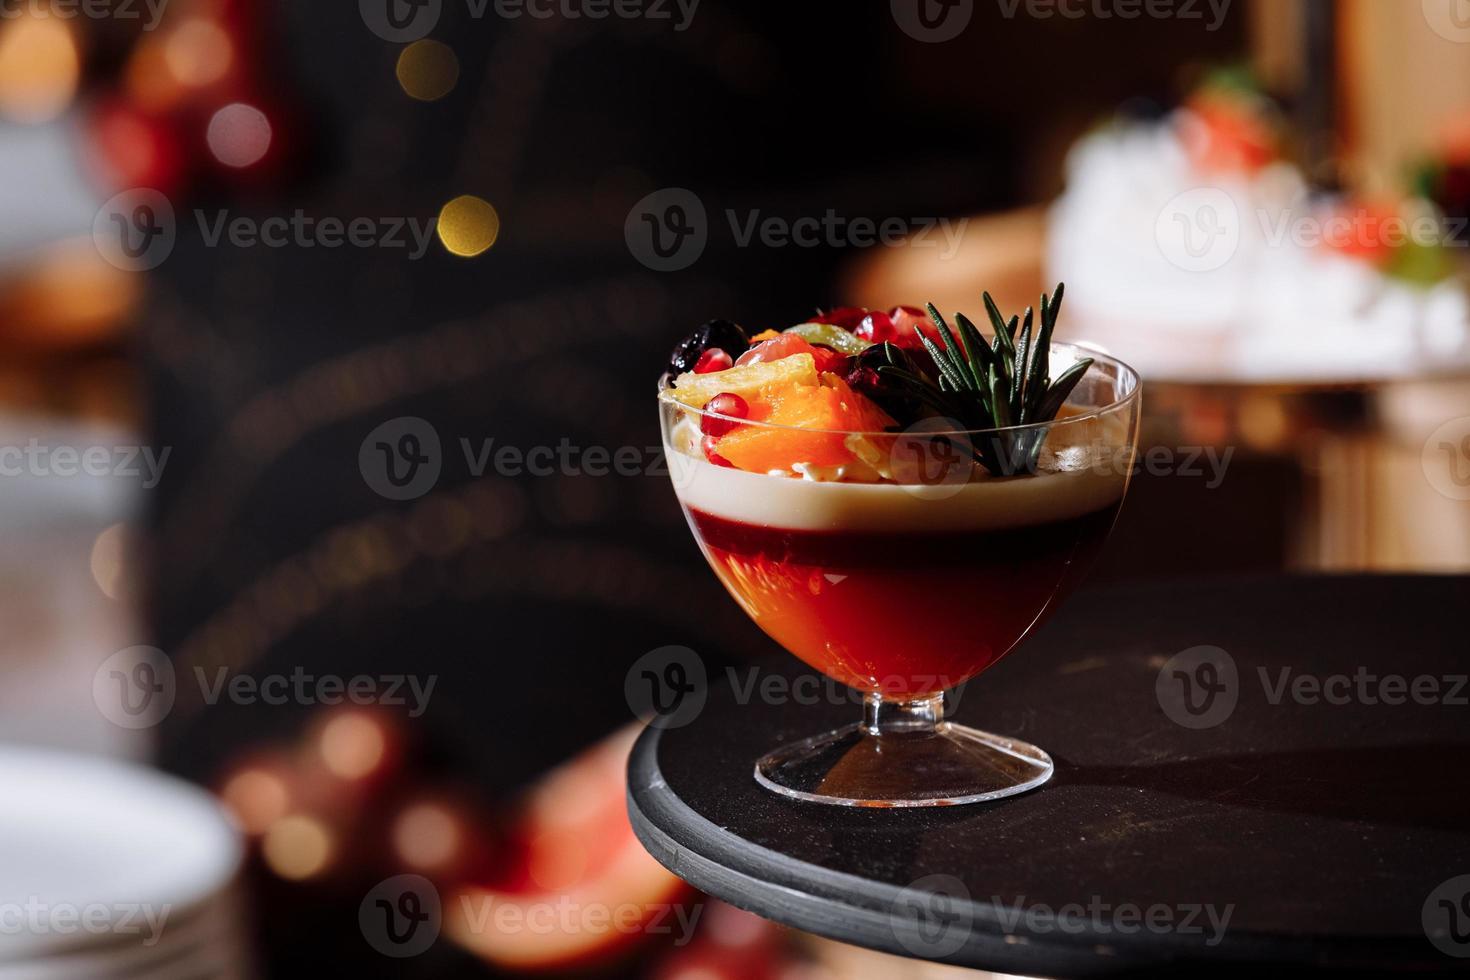 bunter Tisch mit Süßigkeiten und Leckereien für den Hochzeitsempfang, Dekoration Desserttisch. leckere Süßigkeiten am Süßigkeitenbuffet. Desserttisch für eine Party. Kuchen, Kuchen. foto